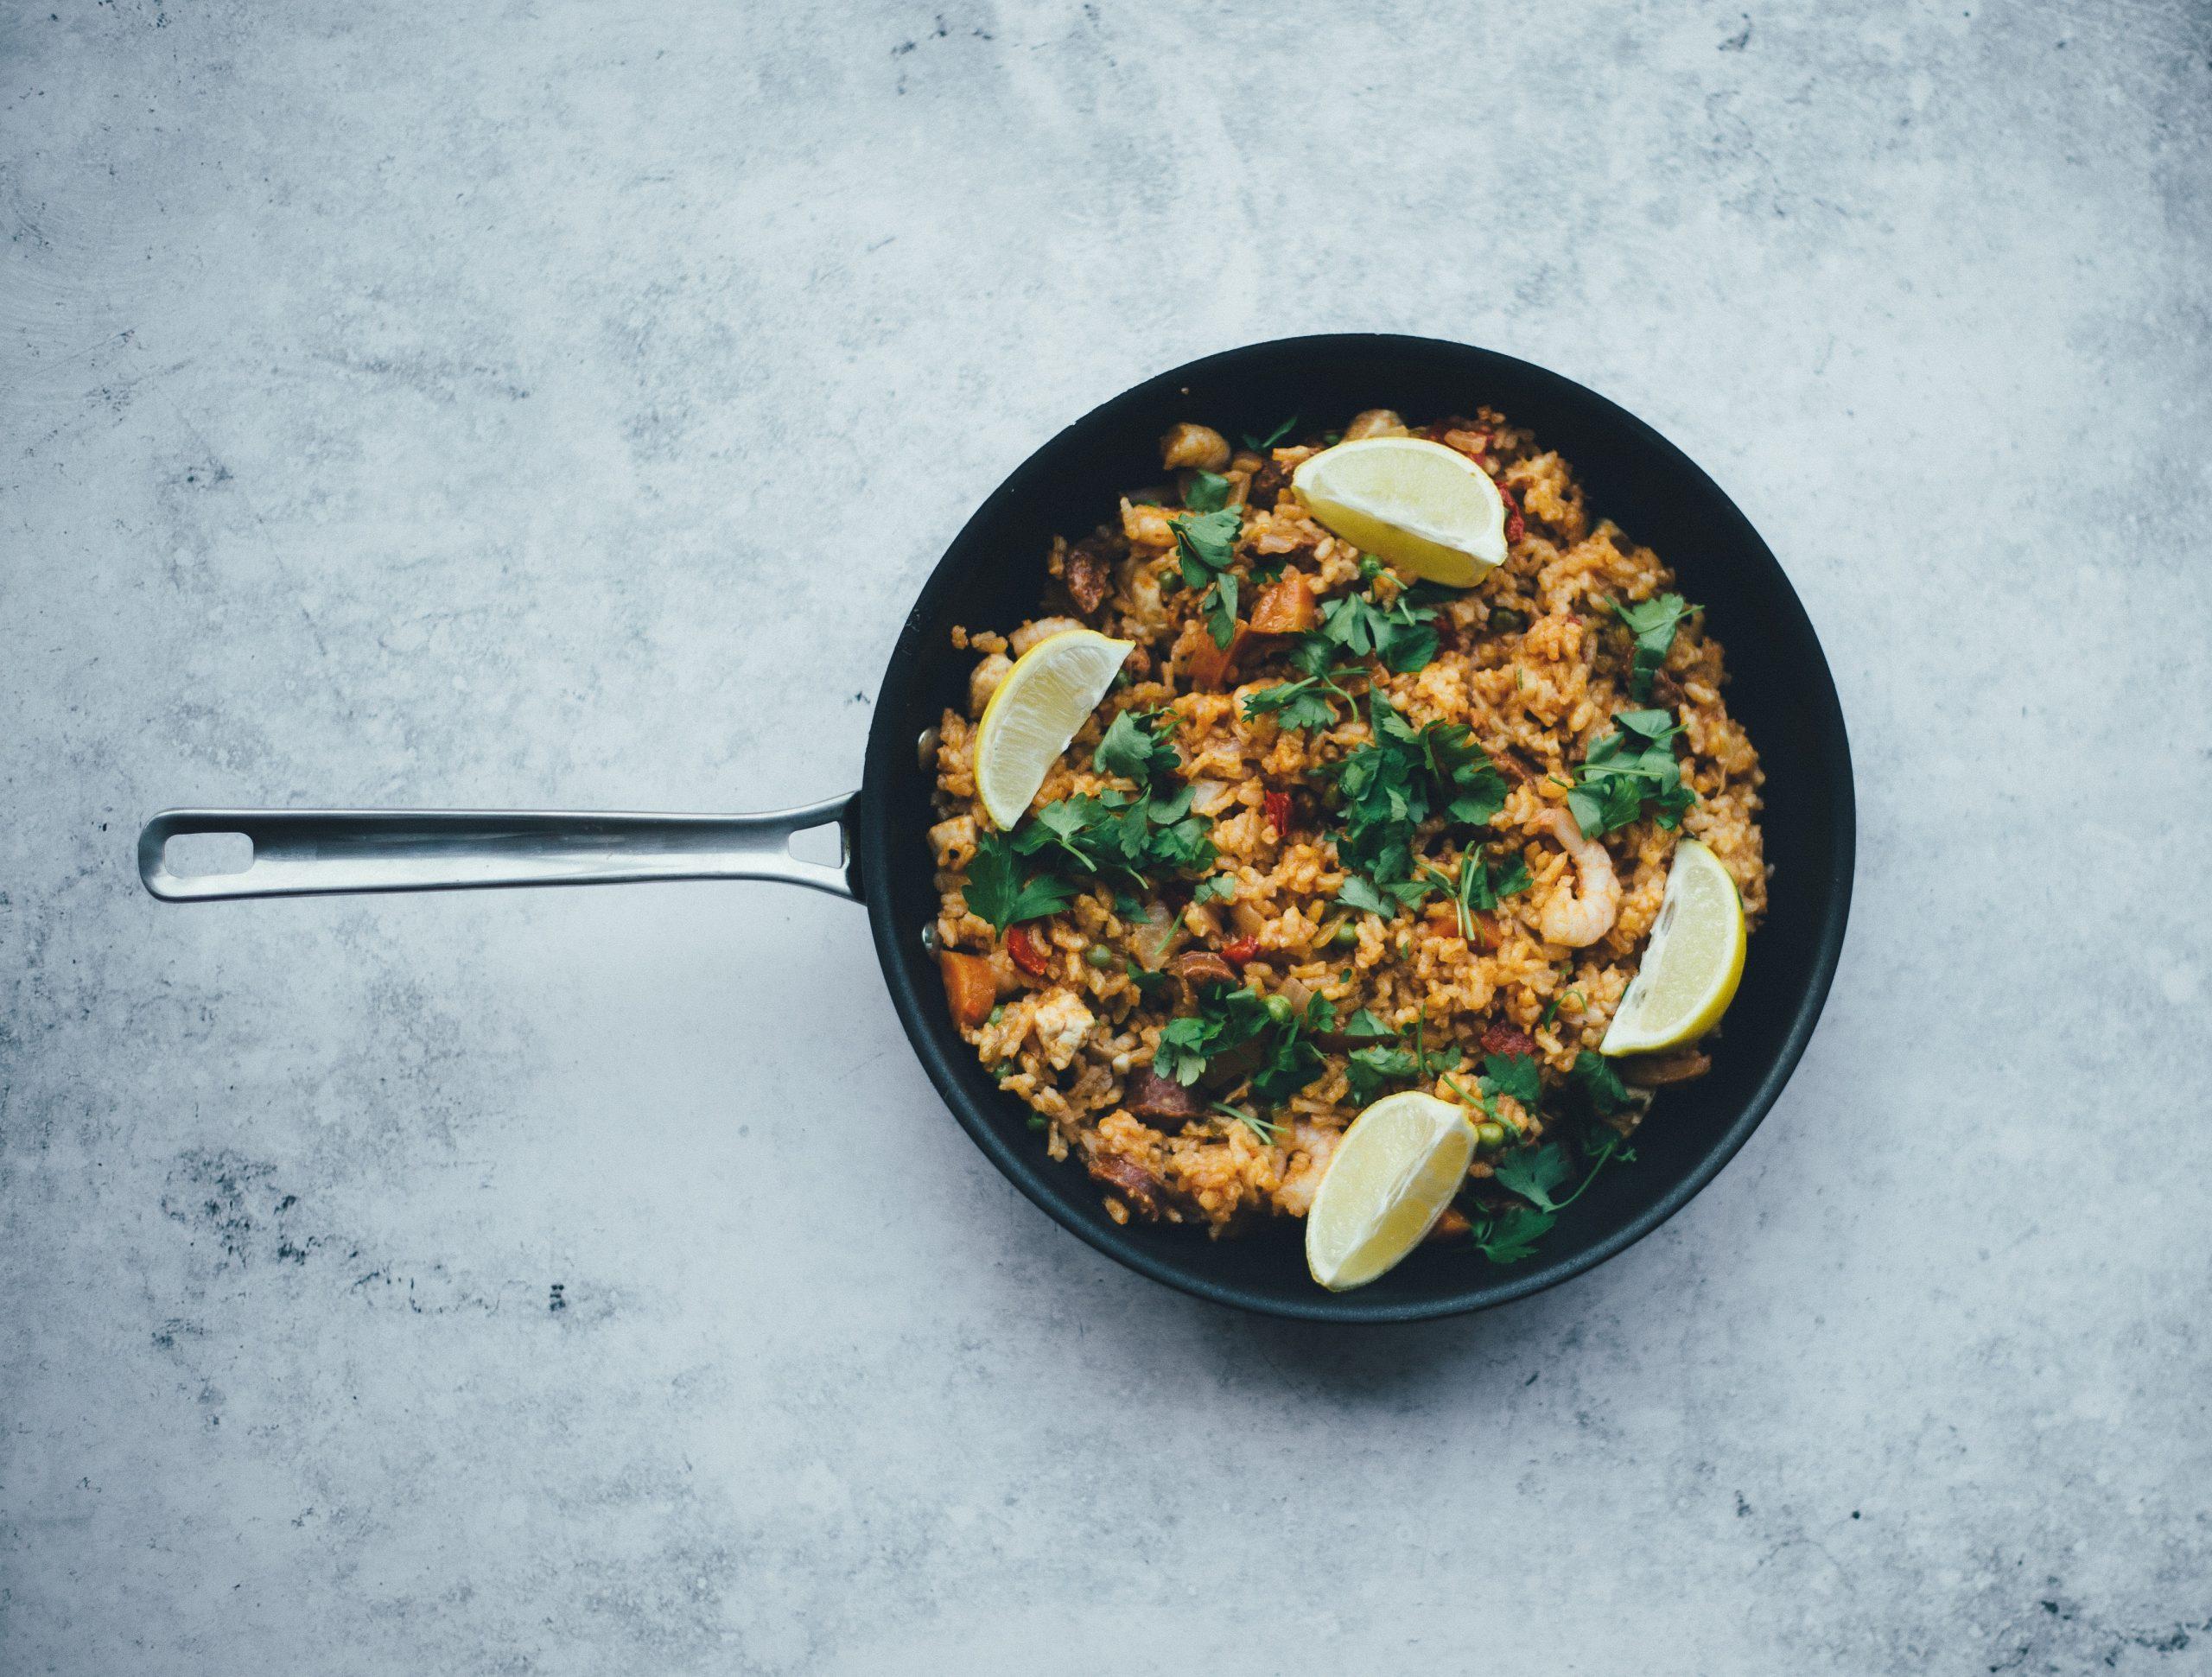 La dieta mediterránea es efectiva para mantener nuestro peso a largo plazo y estos son los alimentos más interesantes. /Unsplash